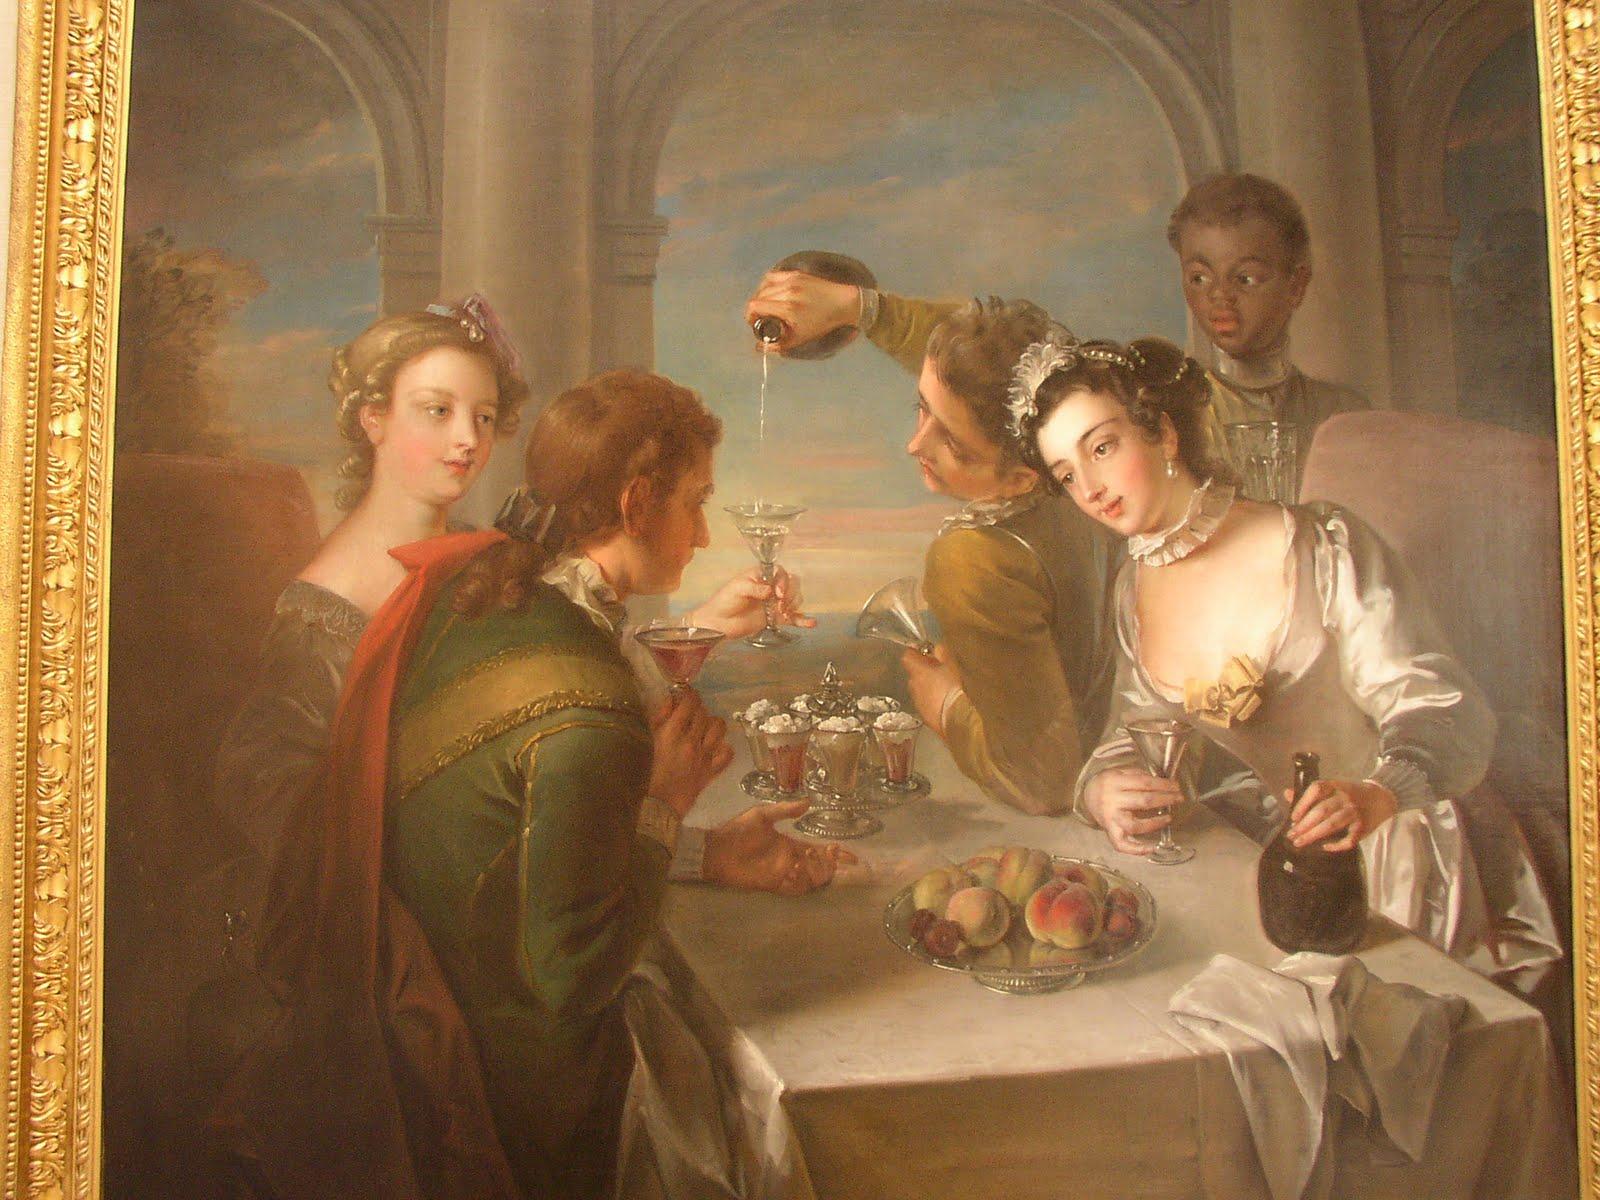 http://4.bp.blogspot.com/_uxI-Lph5KQI/TDoNwjrJDQI/AAAAAAAAAMw/GNN635dQyCU/s1600/YALE+BRITISH+MUSEUM+%26+ART+GALLERY+06-27-2010+022.jpg